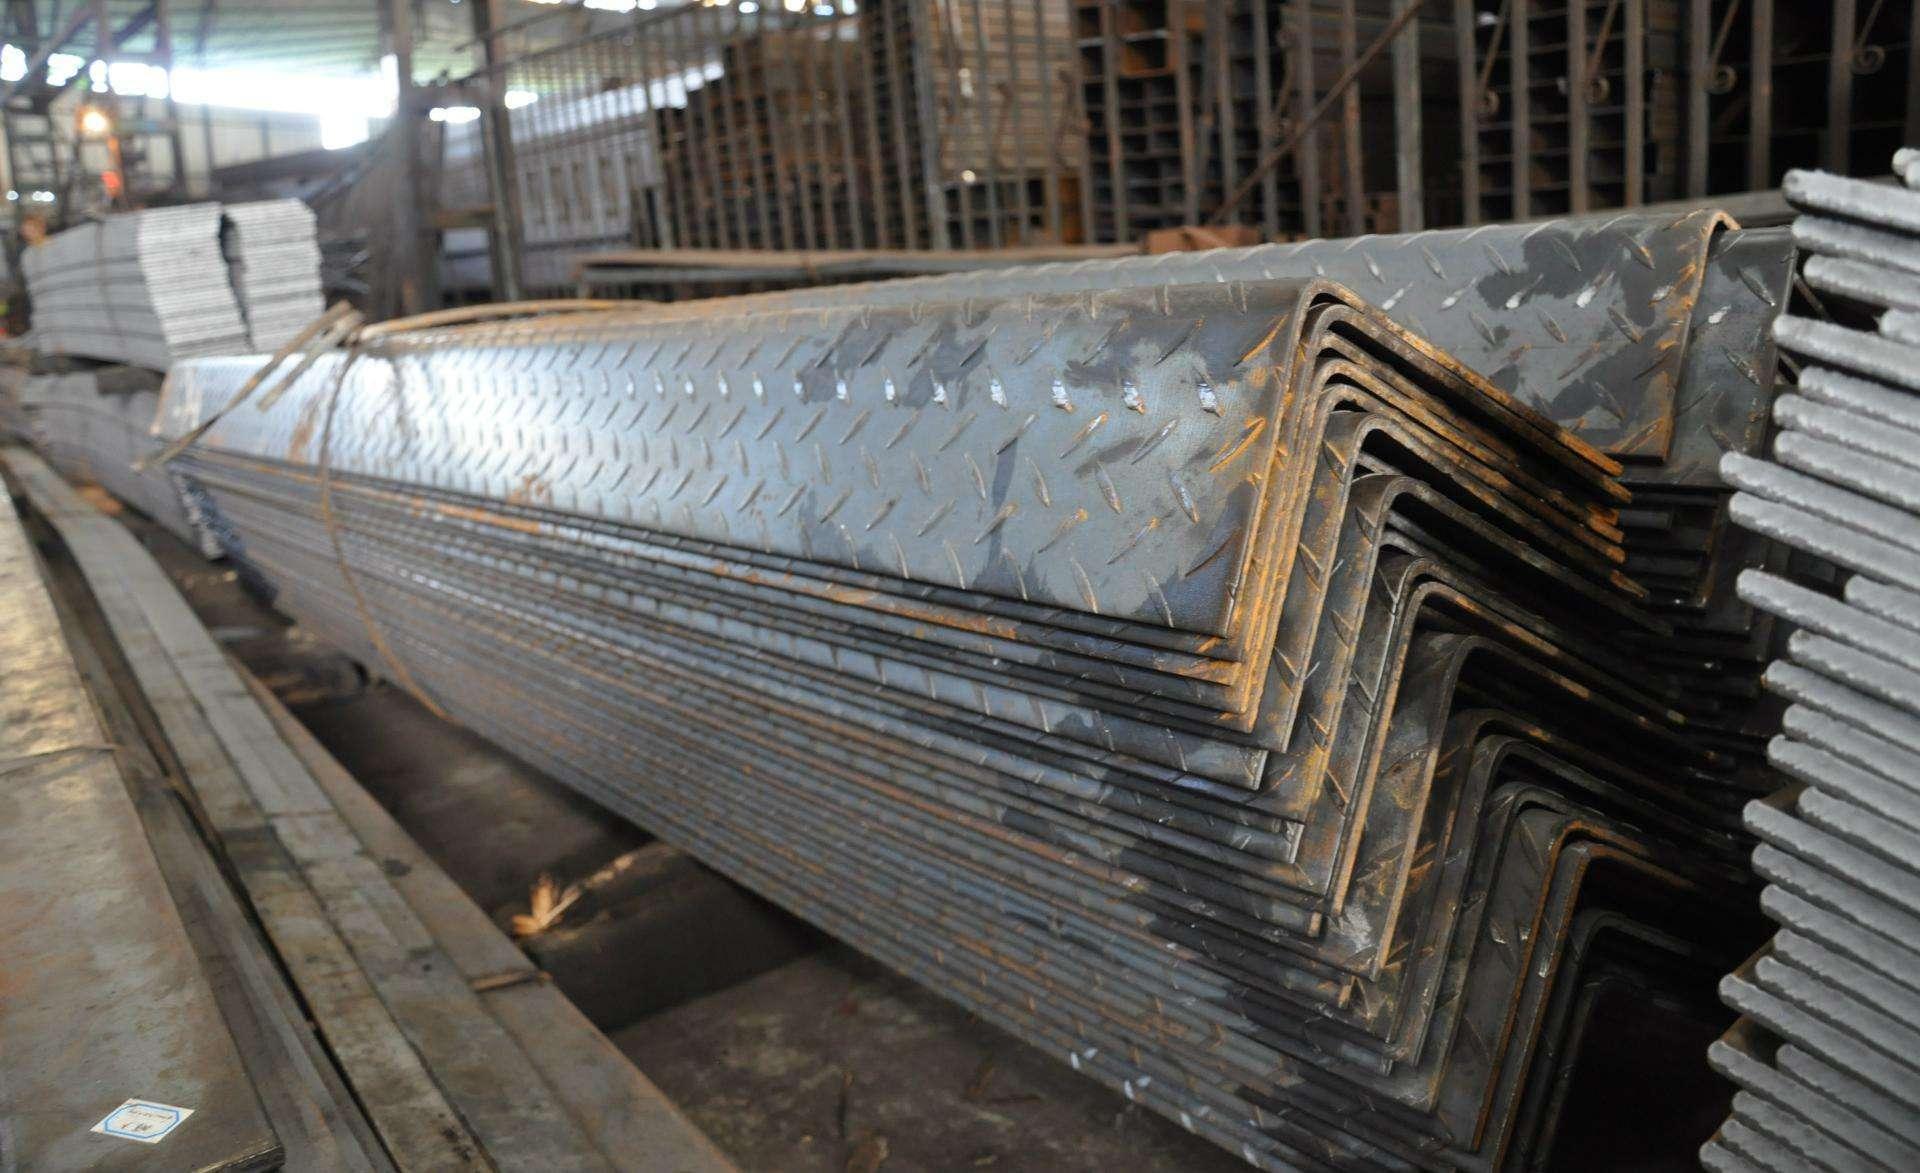 钢材贸易公�:-m�d#_遵义百叶路钢材贸易有限公司 ,遵义钢材公司 遵义钢材